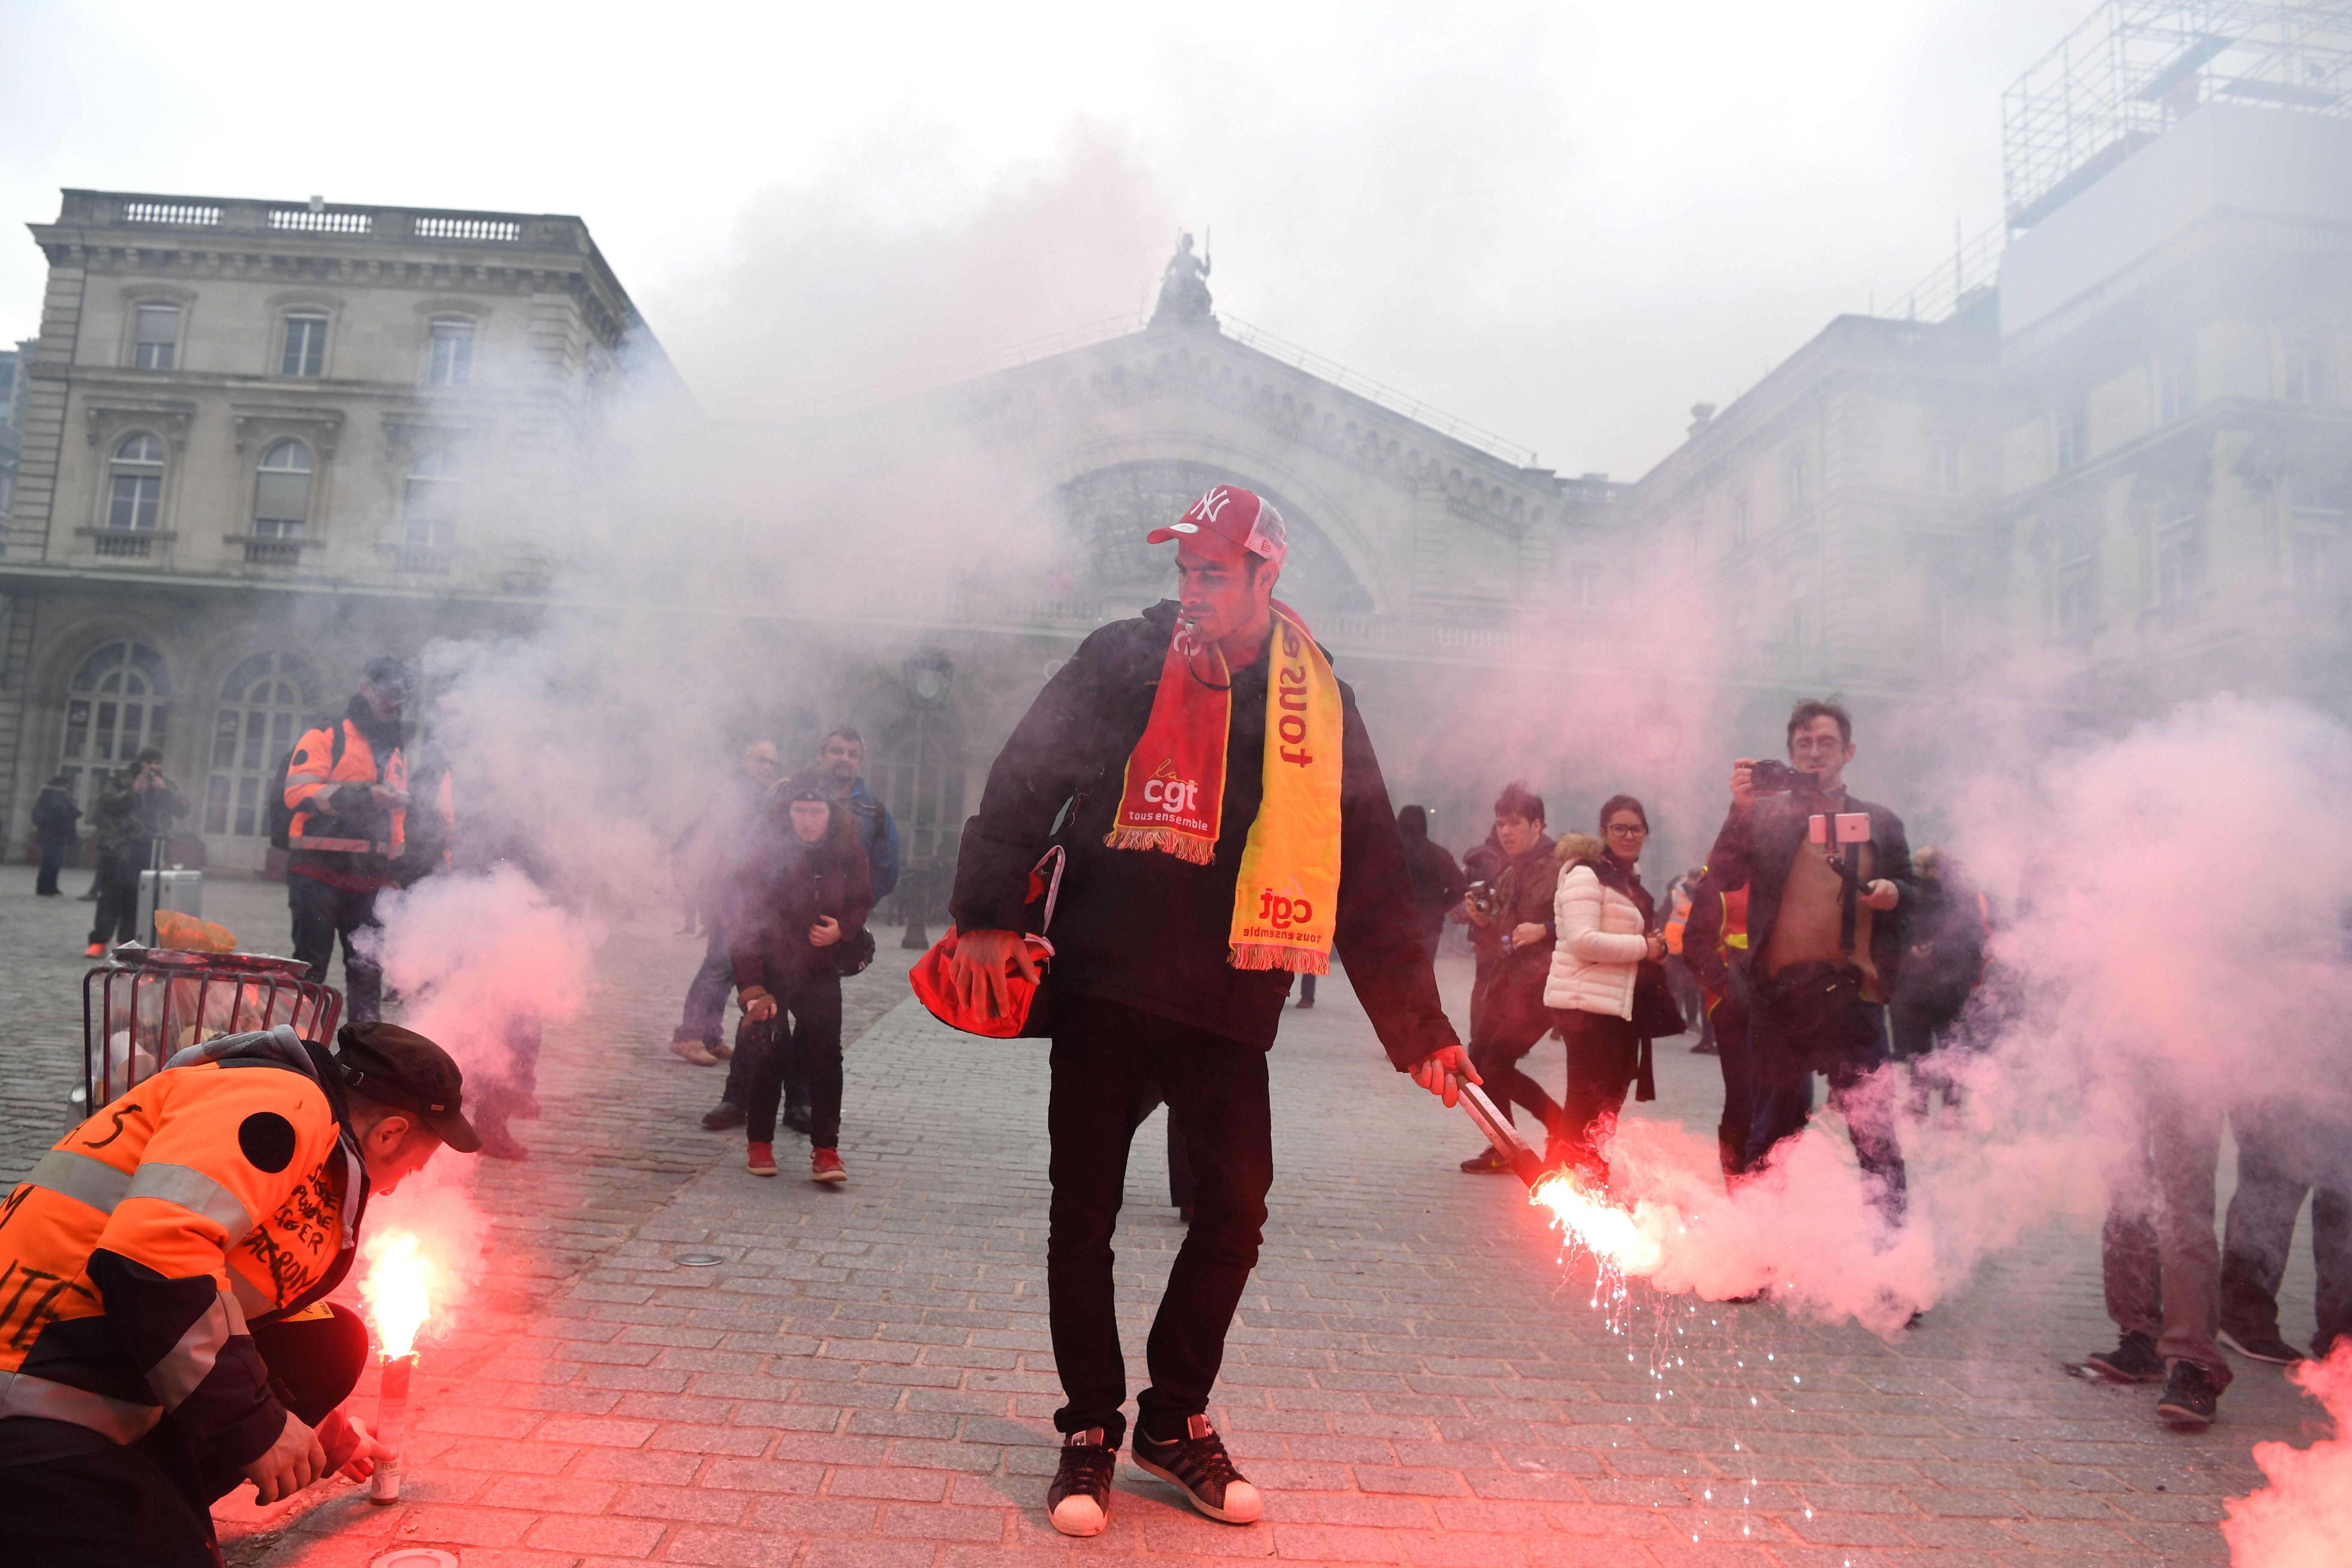 اشعال الالعاب النارية فى فرنسا